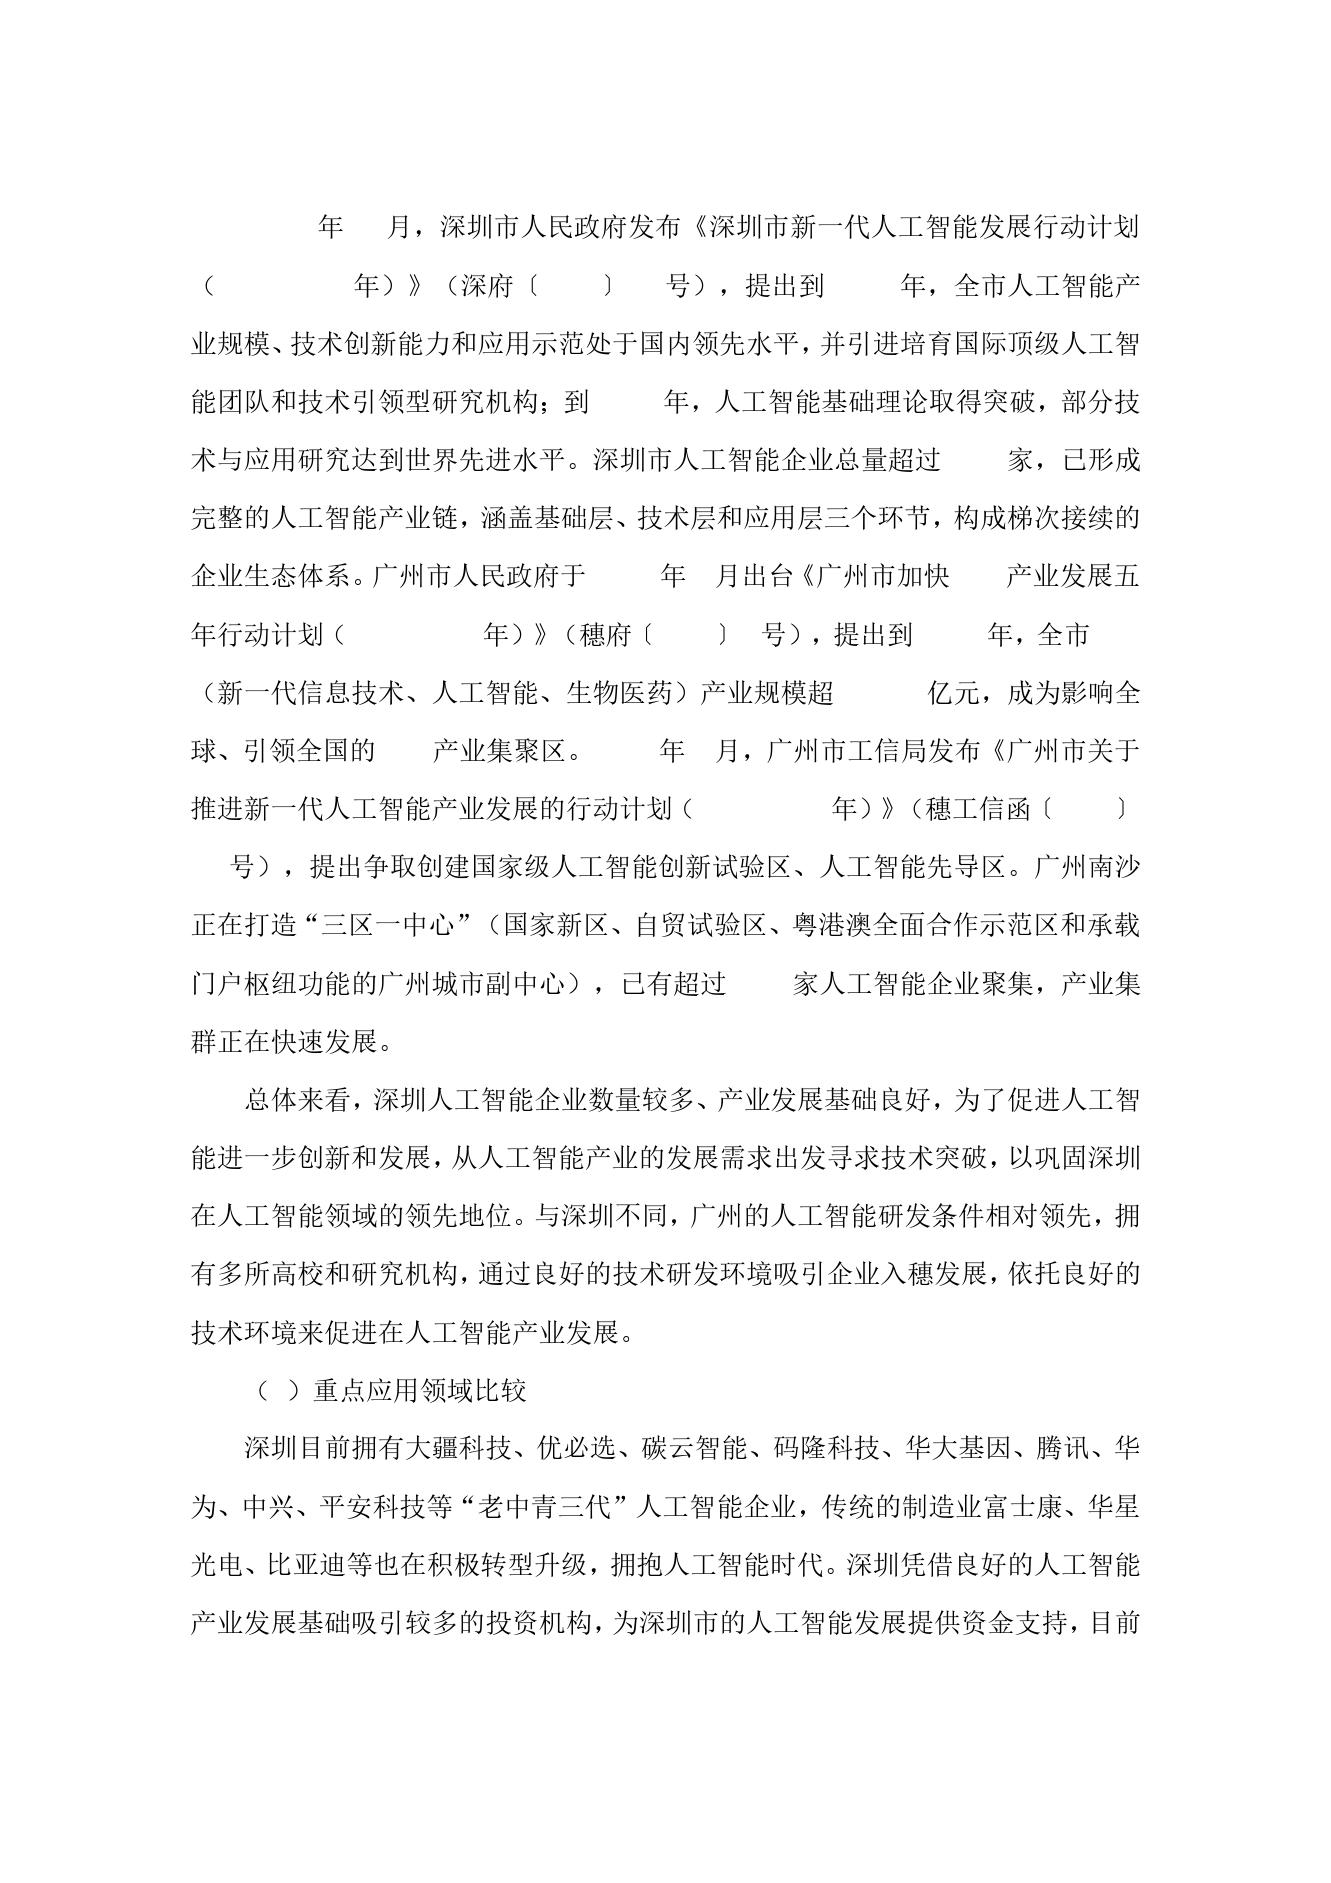 36氪研究院:2020年中国城市人工智能发展指数报告(可下载报告)插图(71)